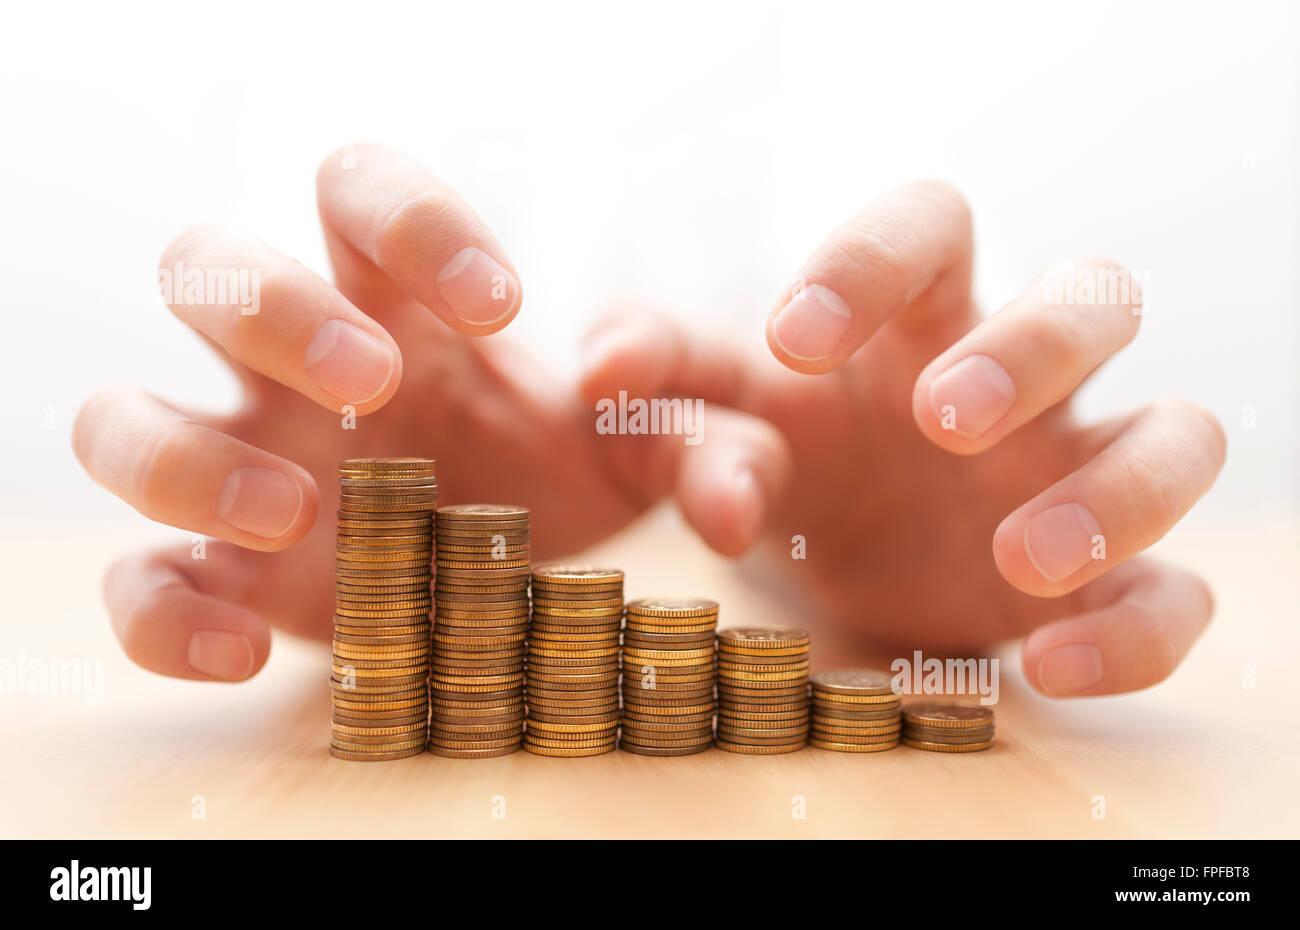 Avaricia por el dinero. Manos agarrando monedas. Foto de stock